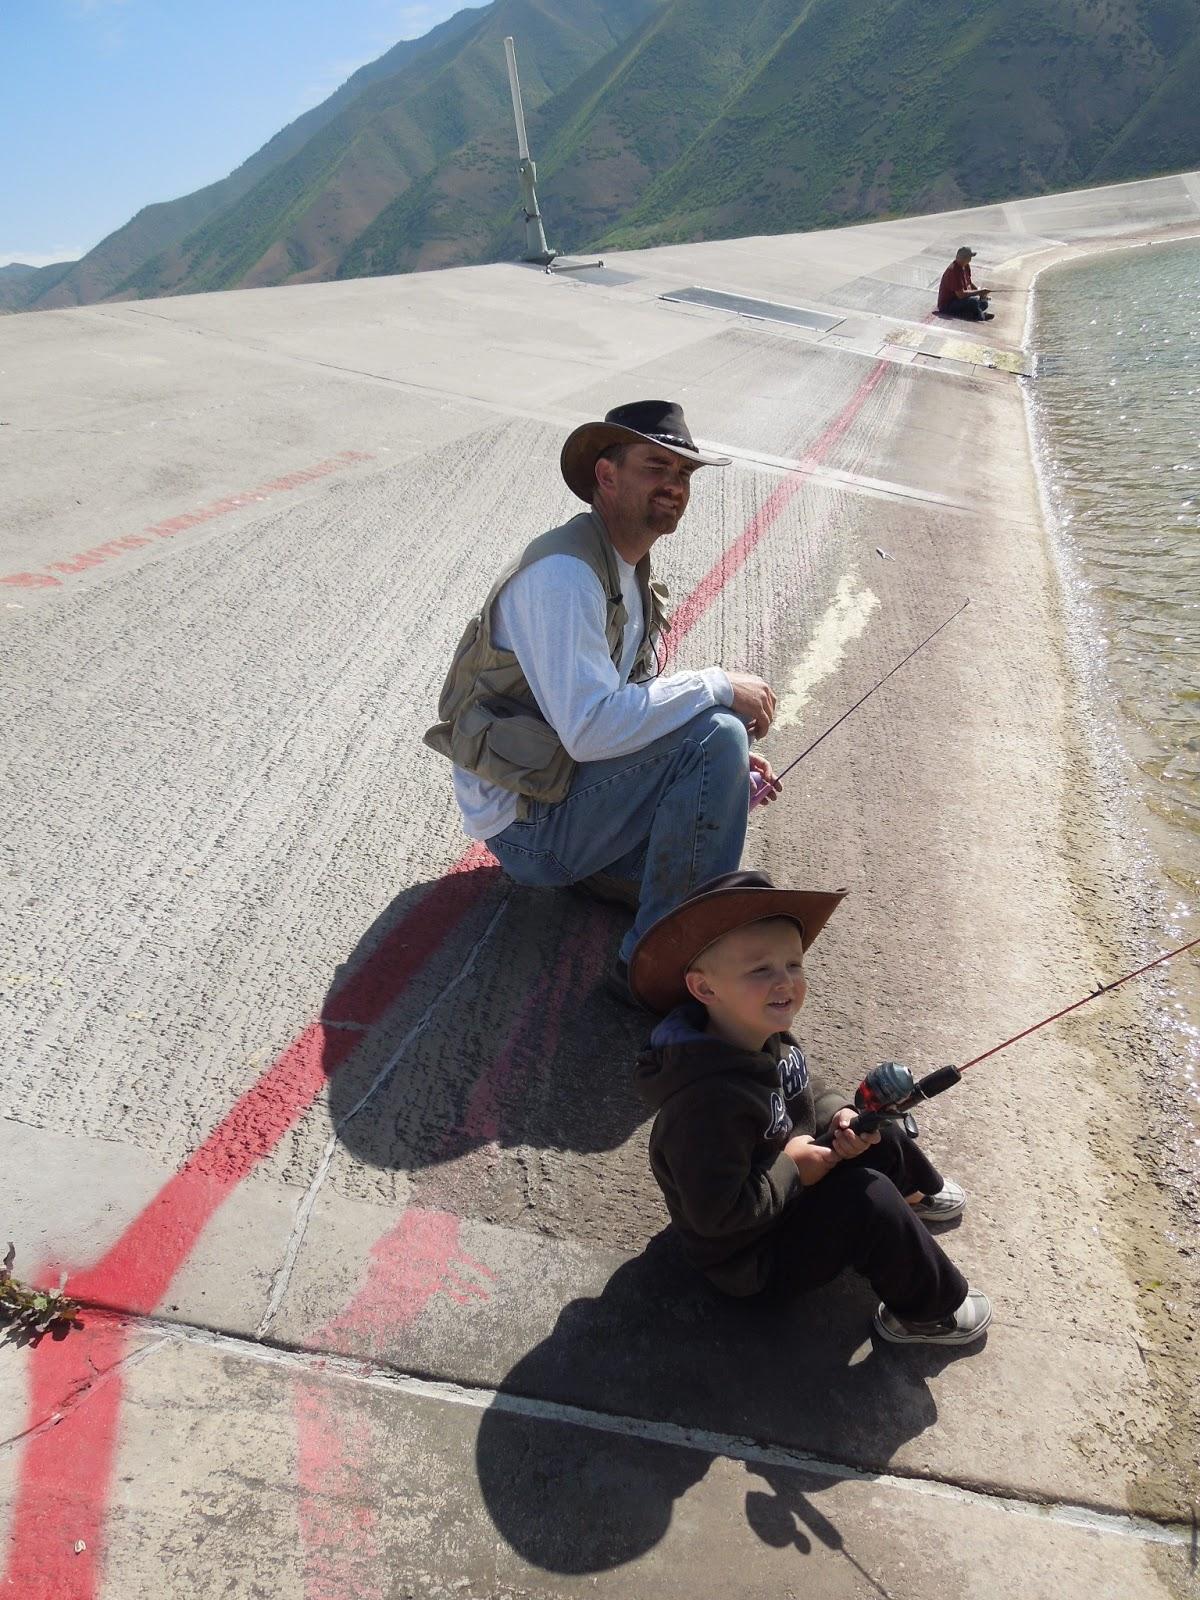 Laing family happenings spanish fork reservoir for Fishing rod in spanish